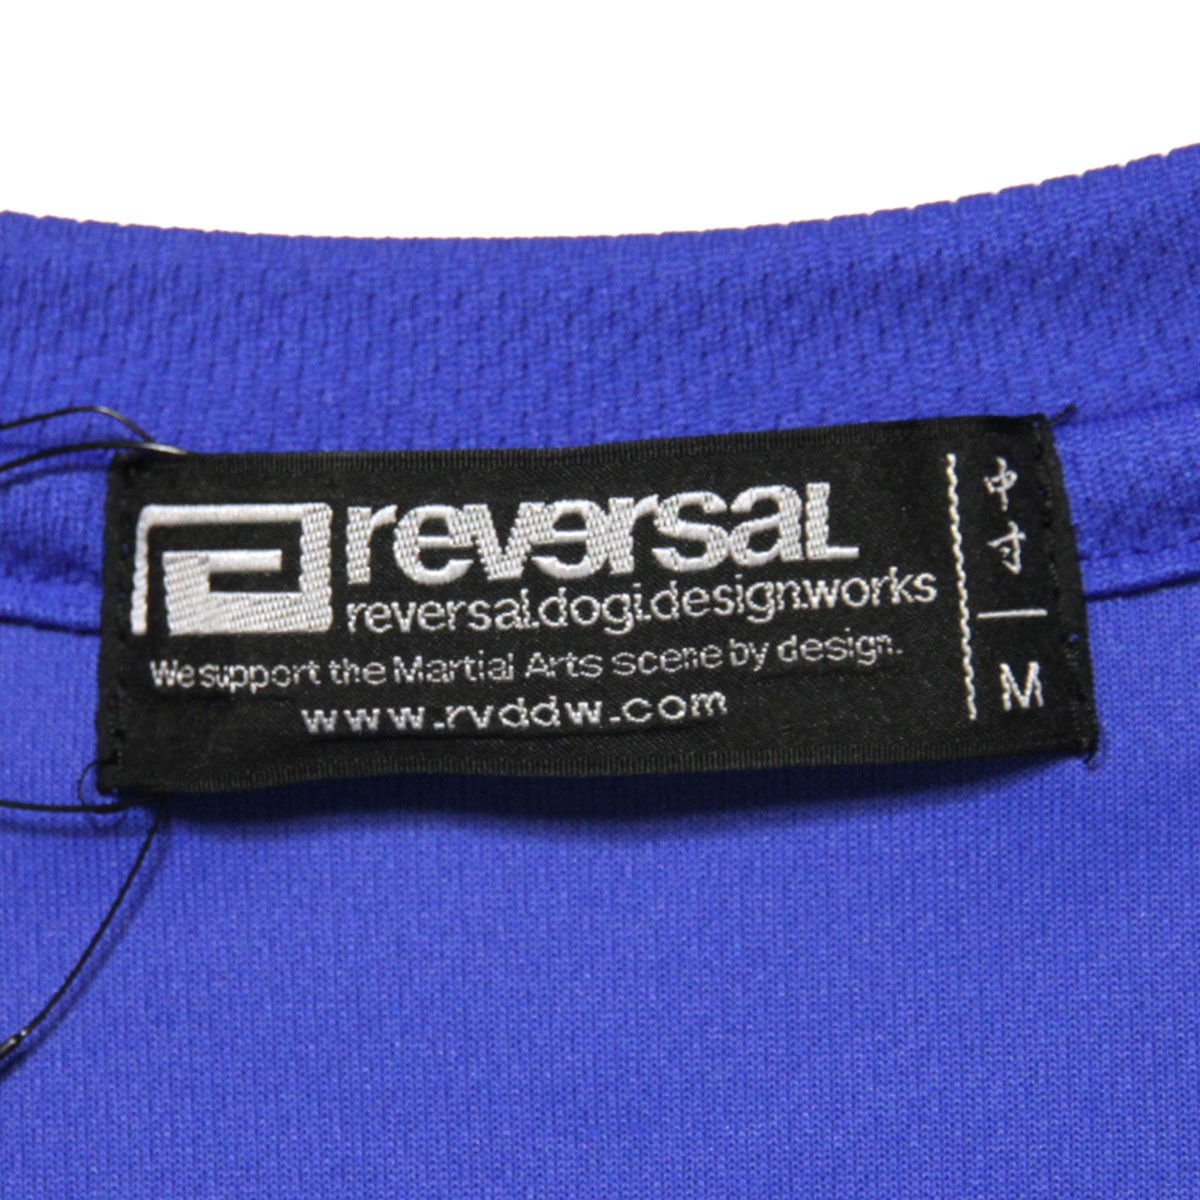 reversal_10